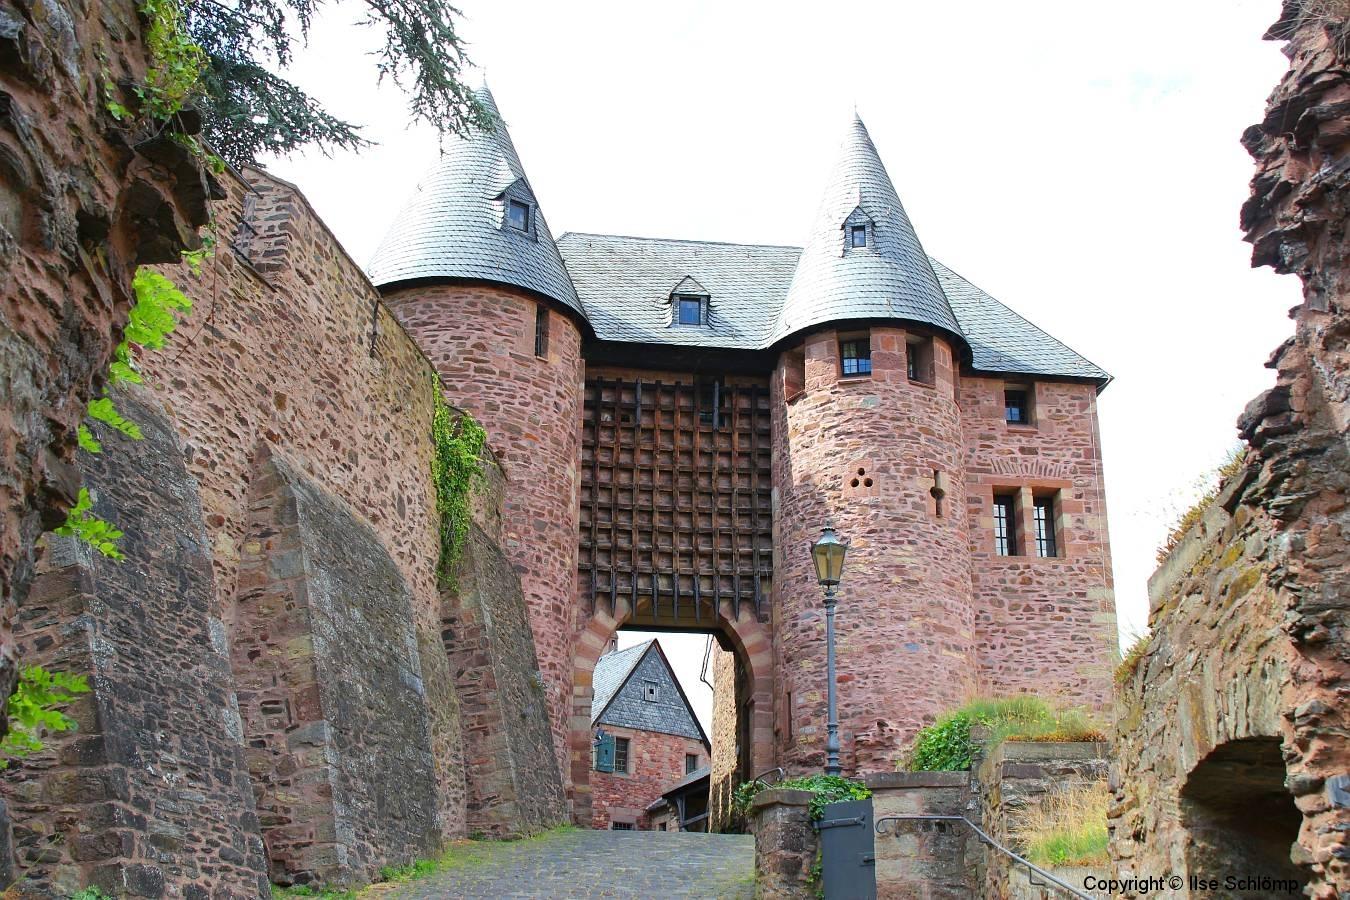 Burg Hengebach, Heimbach, Nordrhein-Westfalen